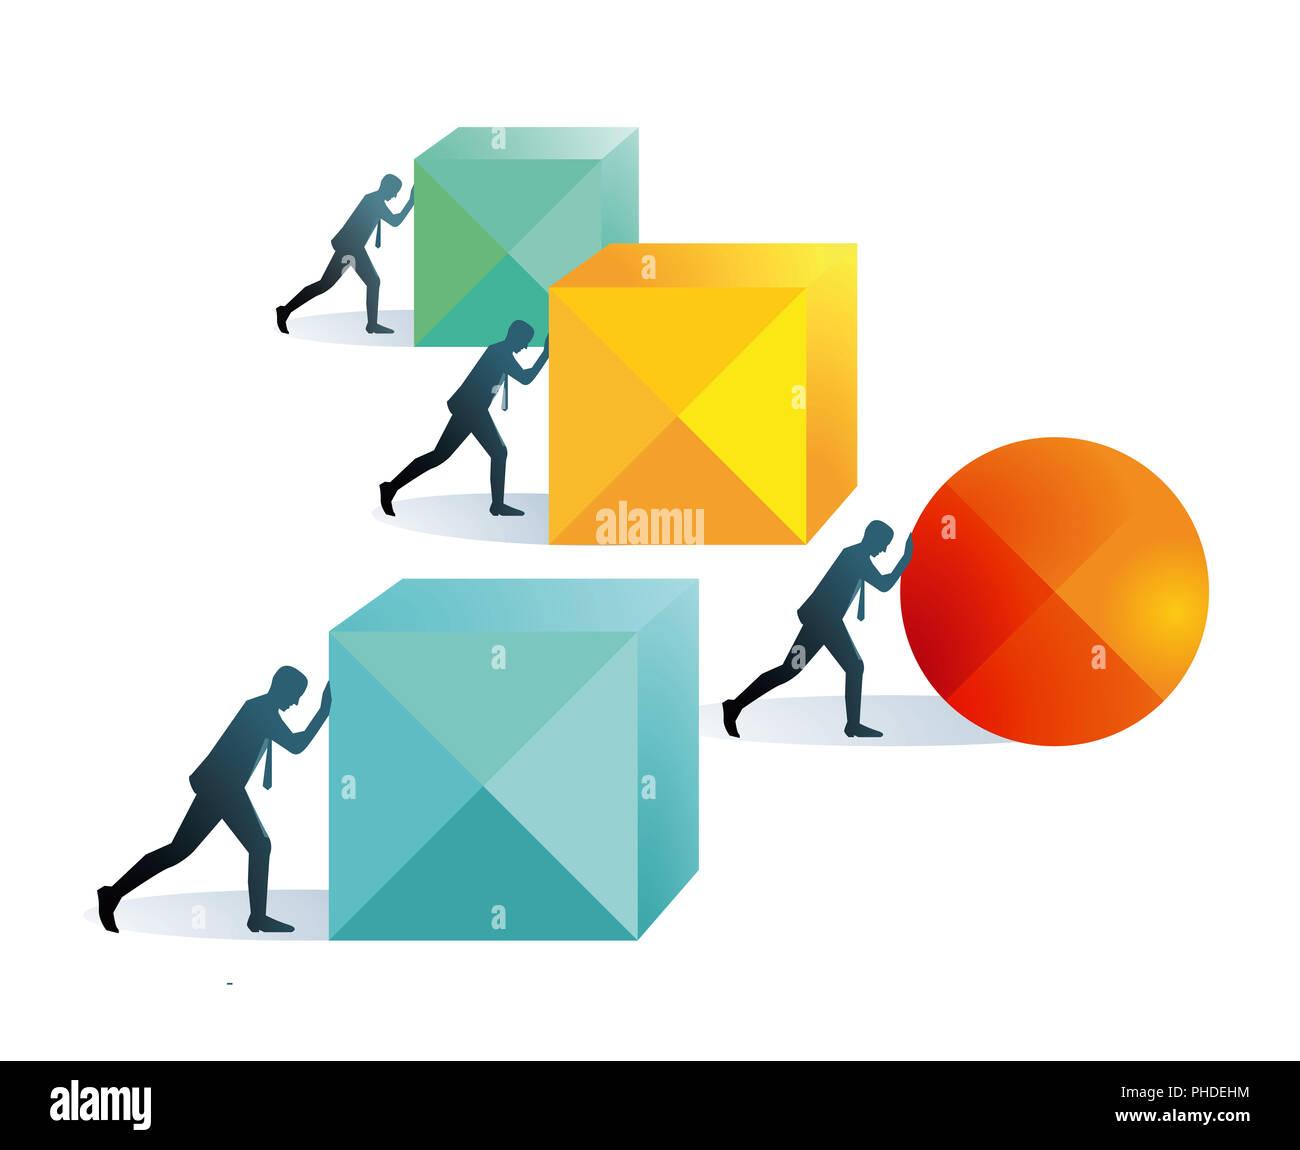 Pushing forward concept illustration, - Stock Image